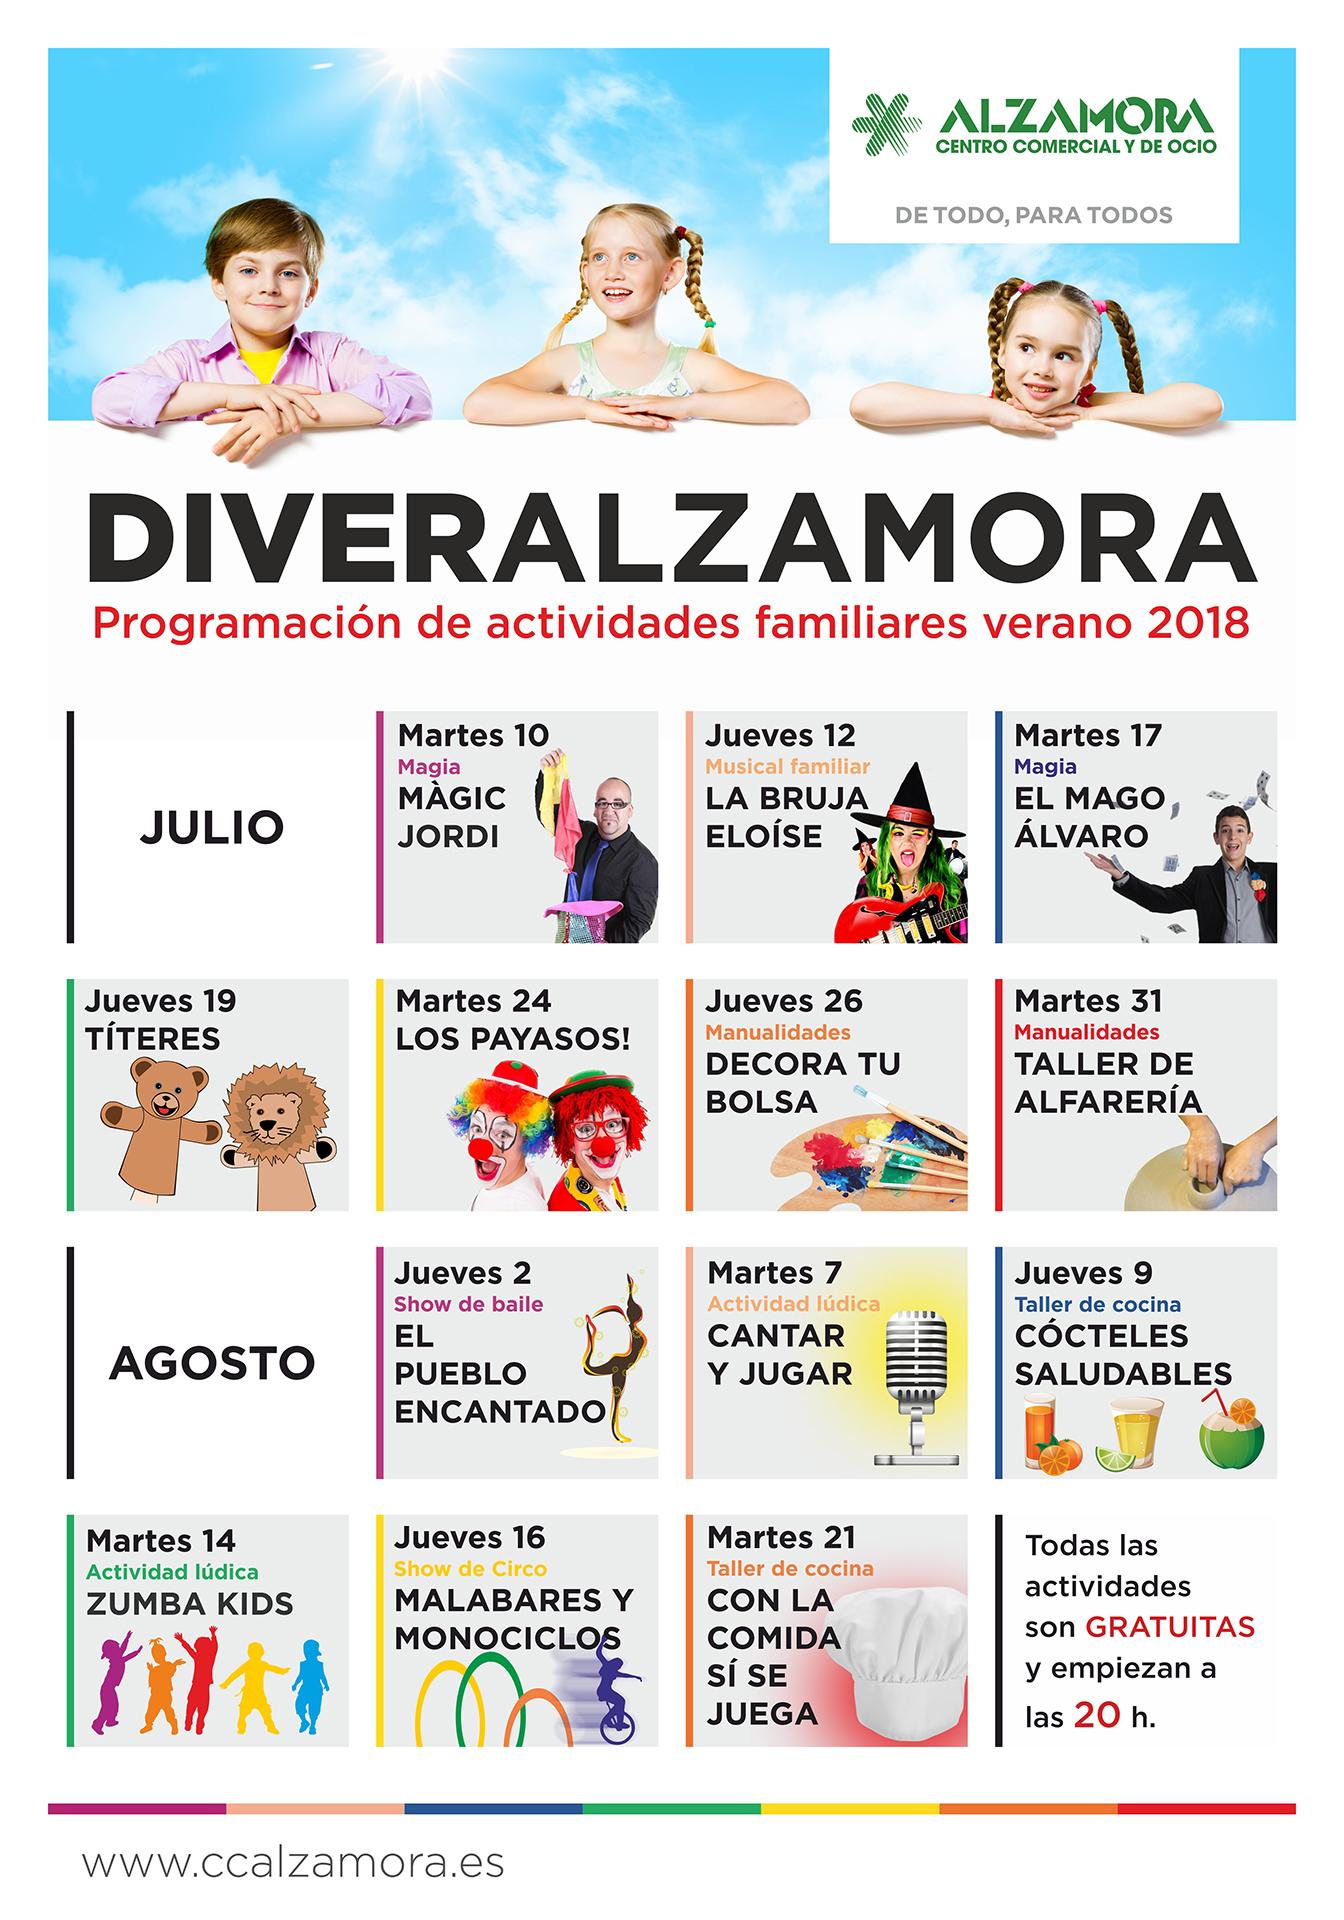 DiverAlzamora - Centro Comercial Alzamora